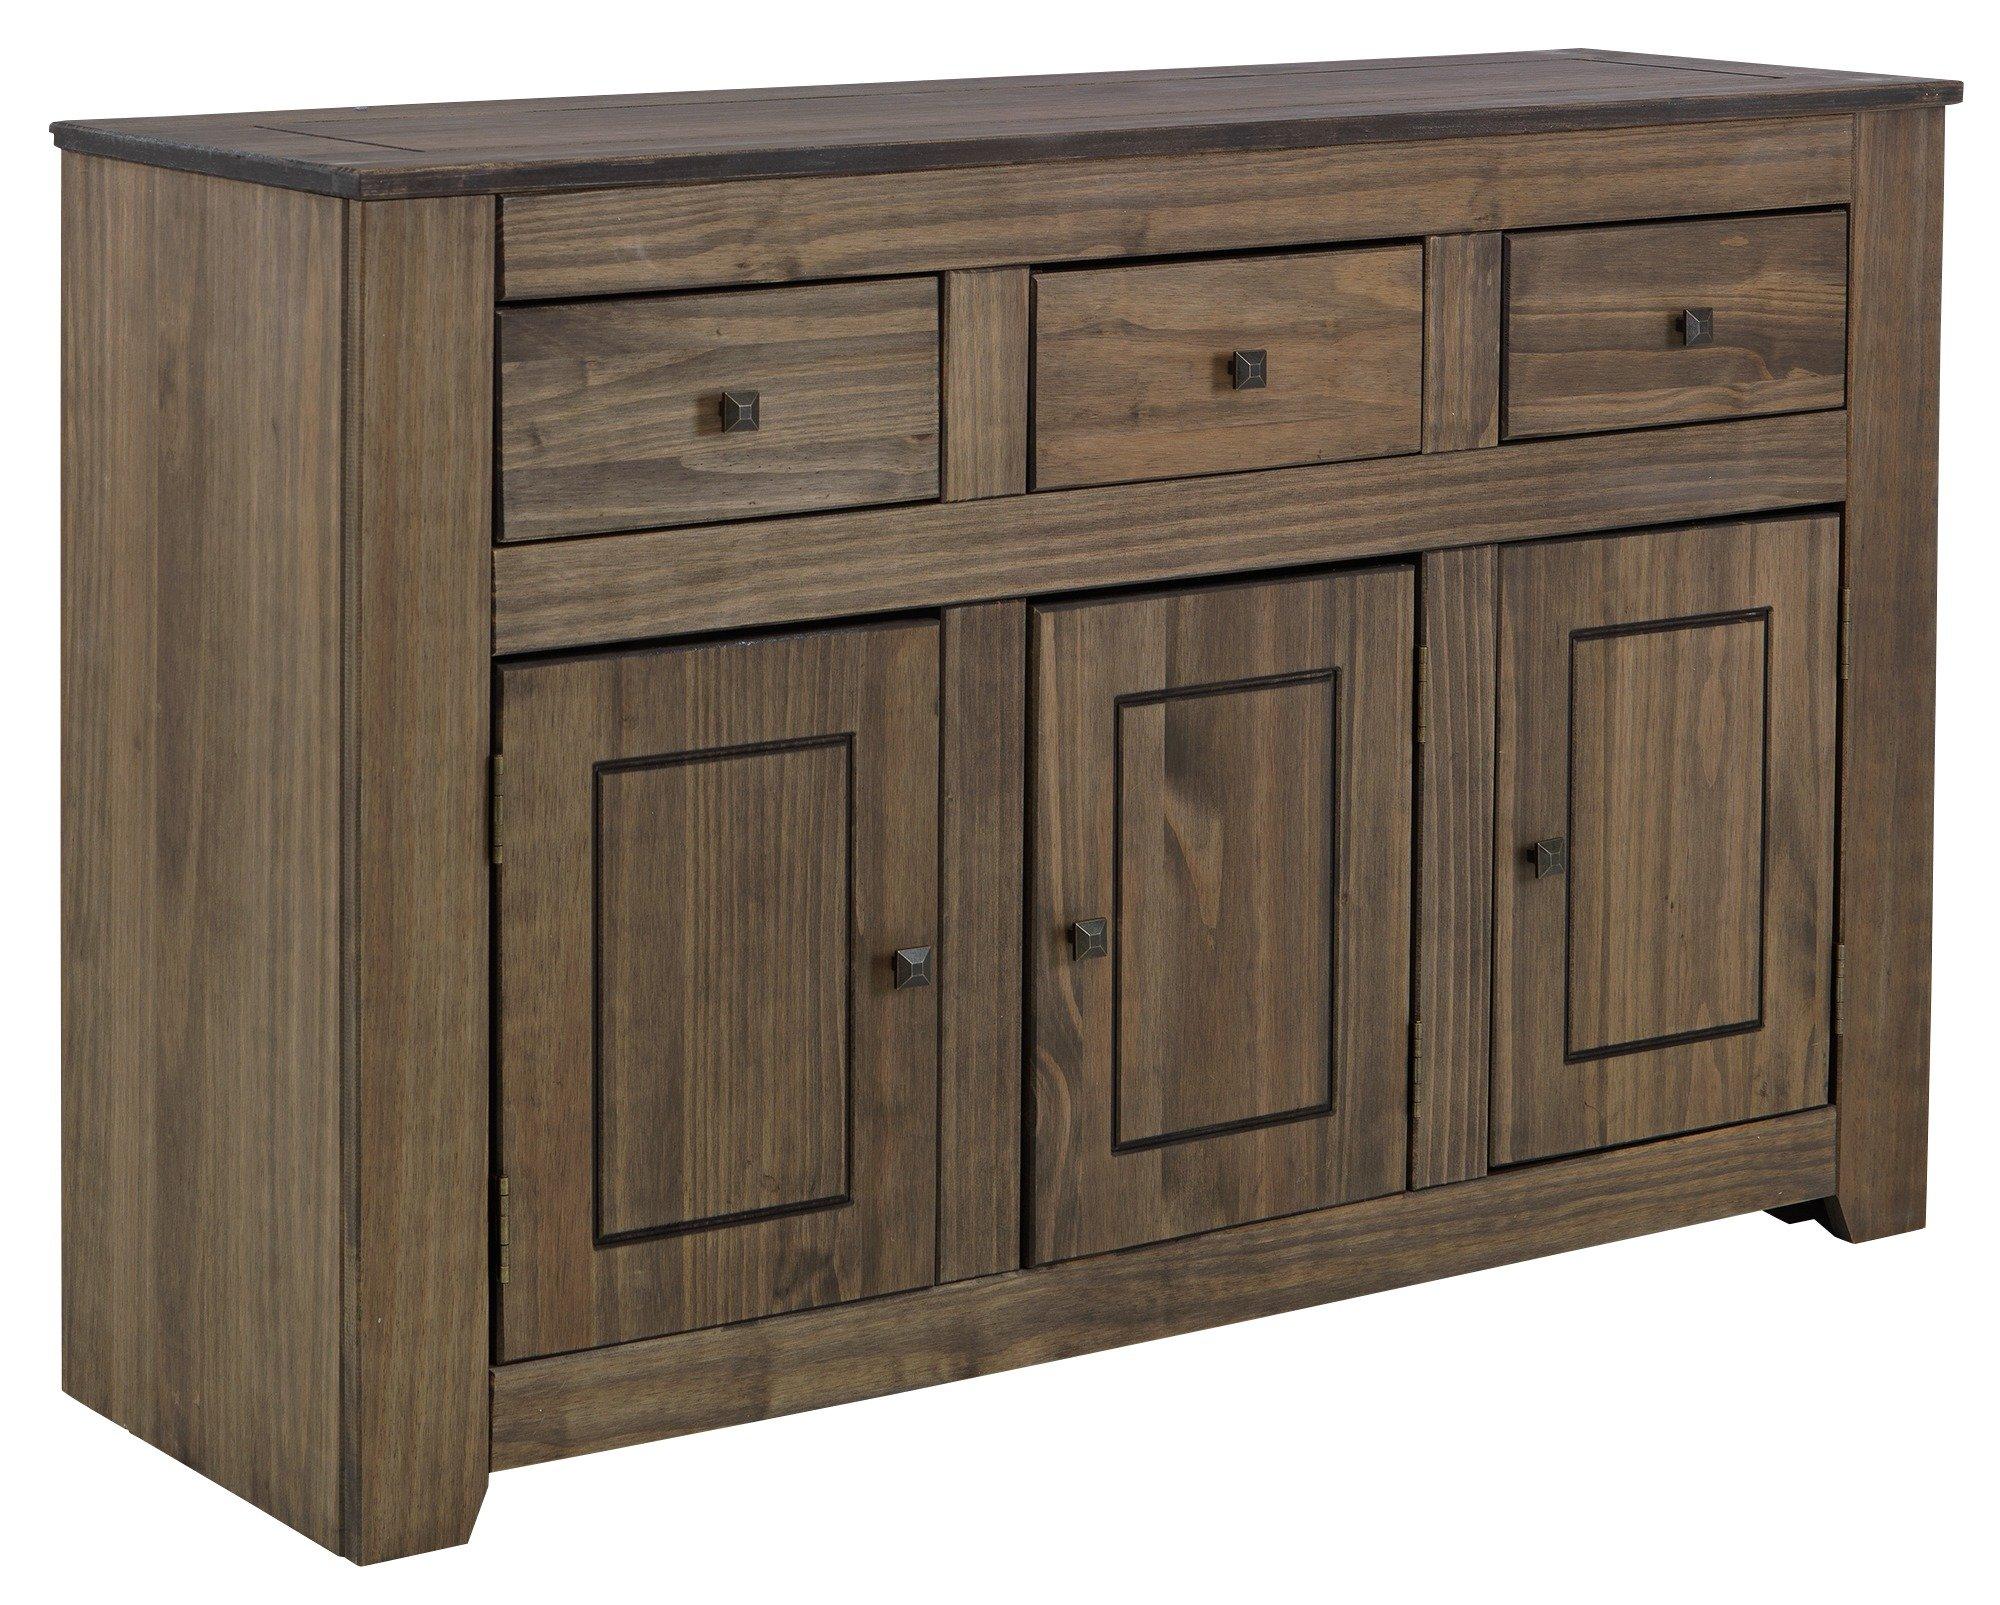 HOME Amersham Large Solid Wood Sideboard - Dark Pine